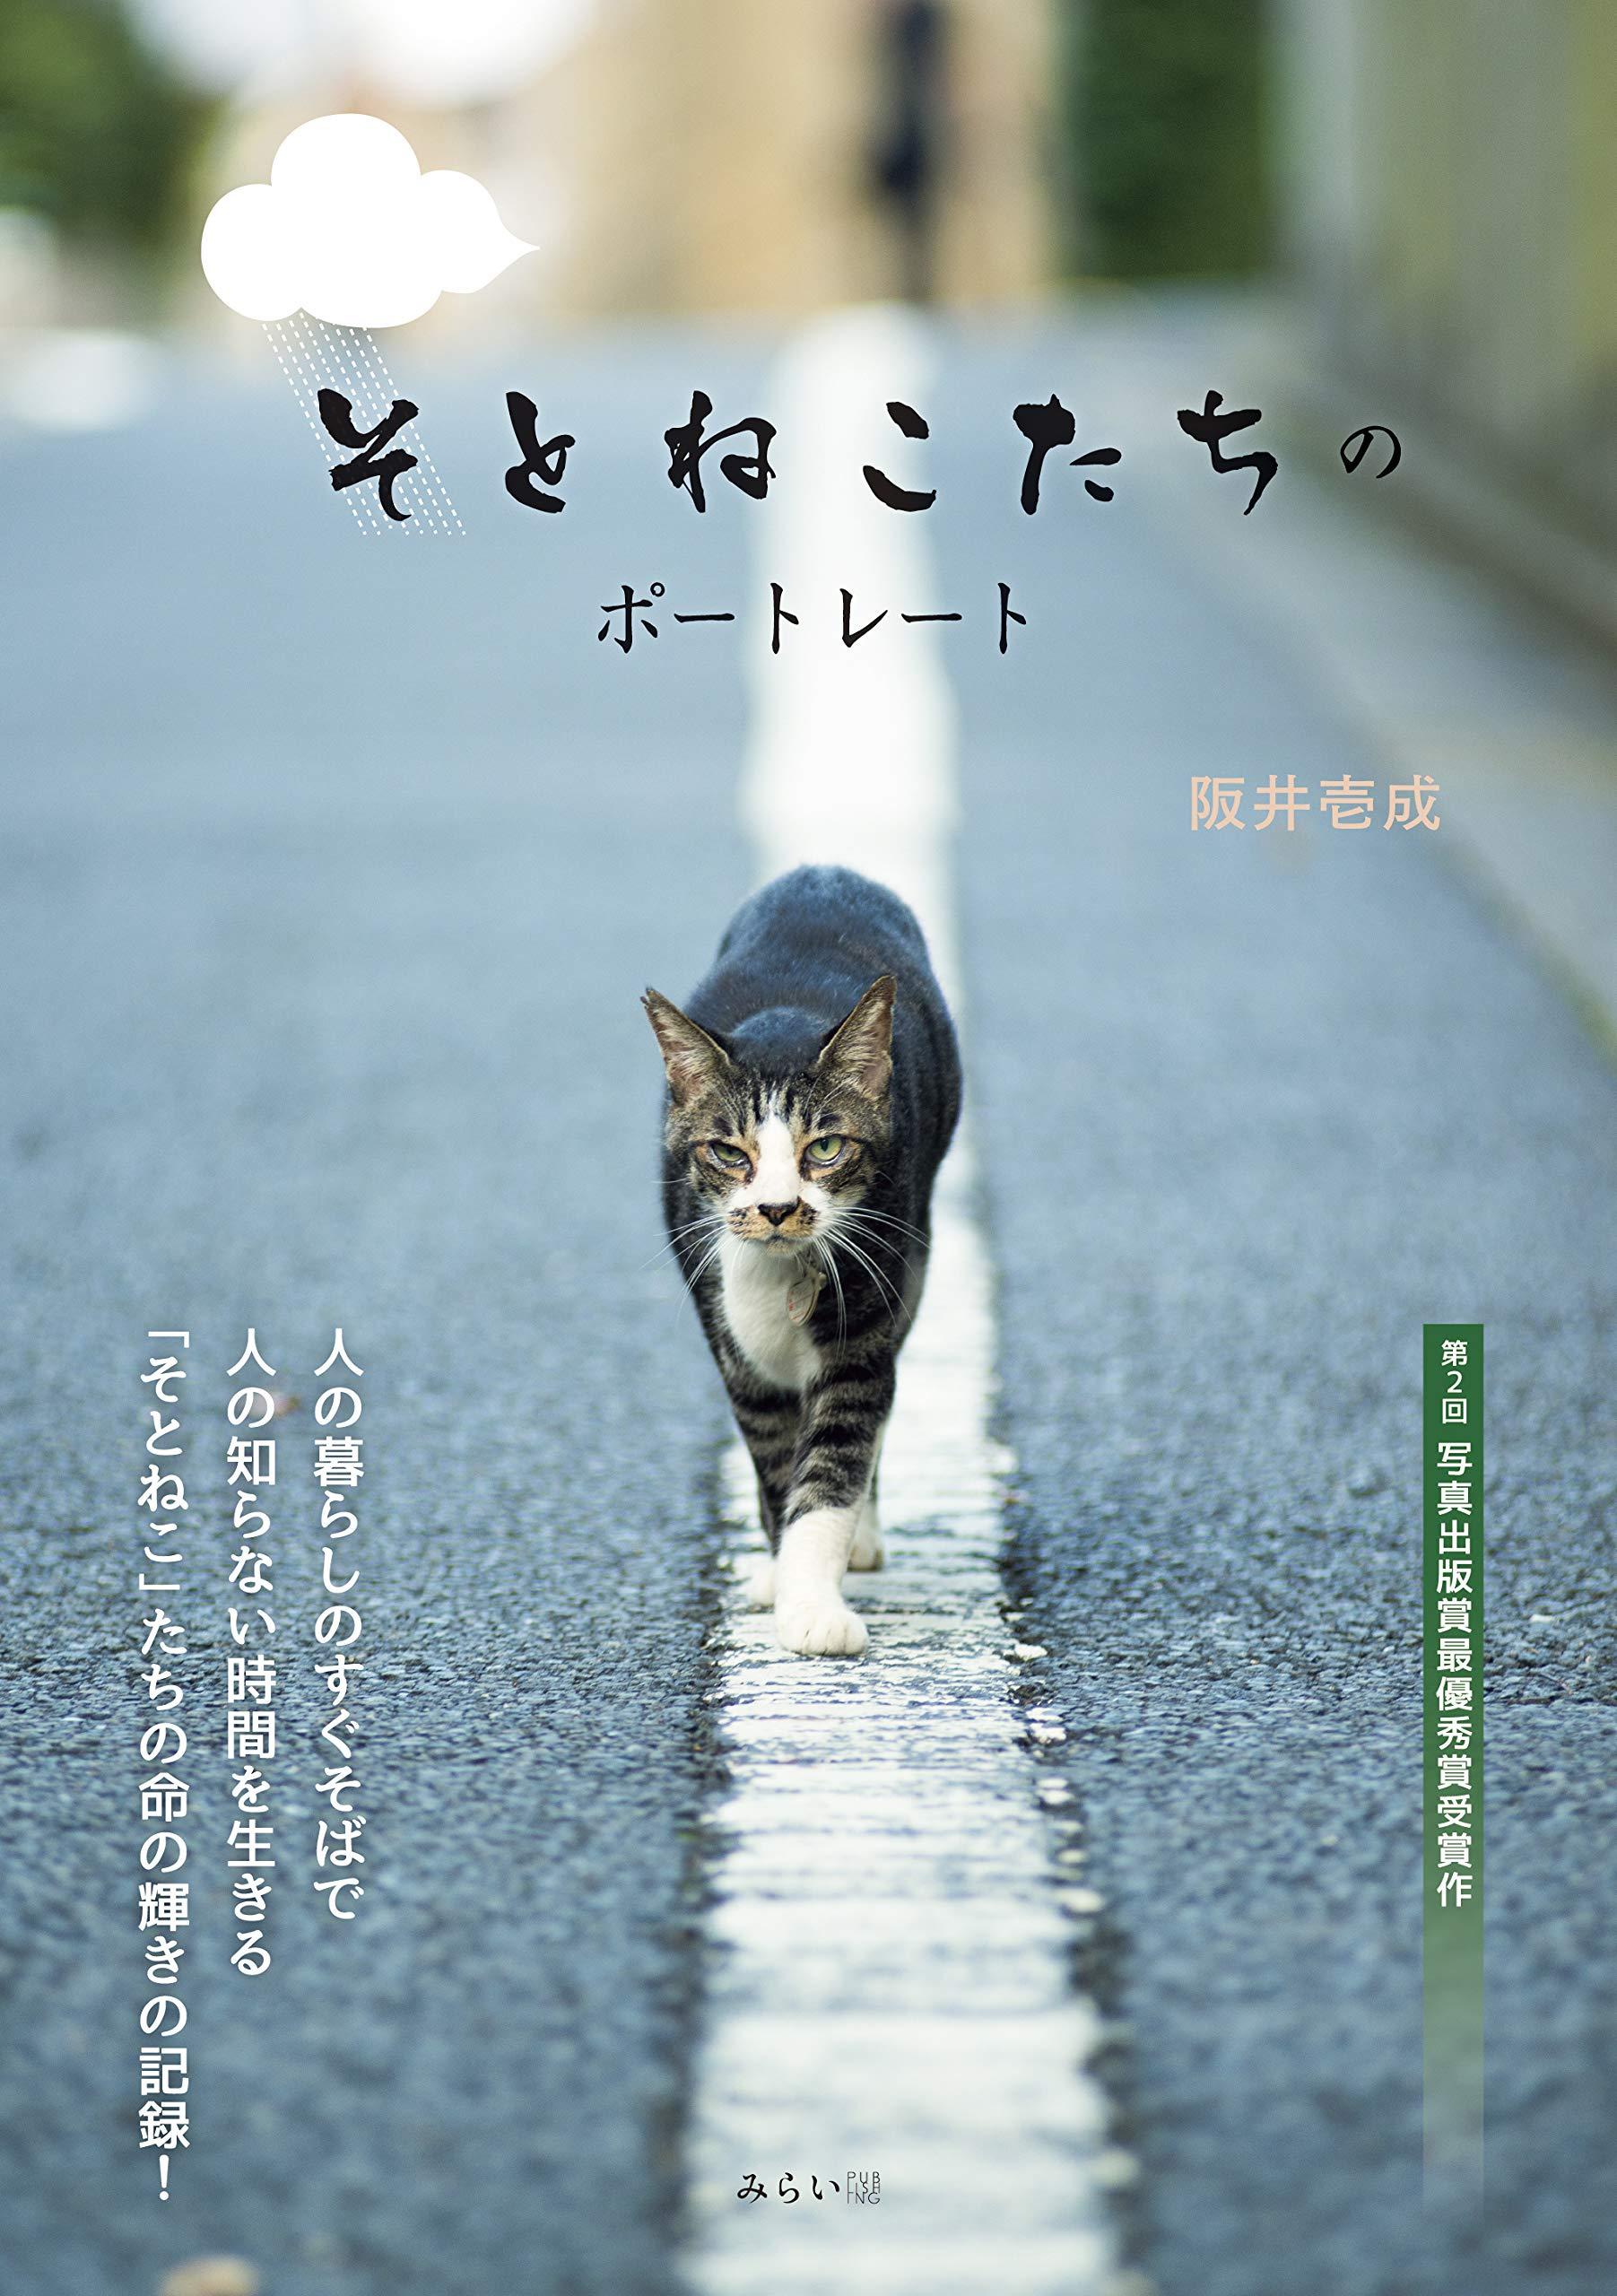 カメラマン db ネコ